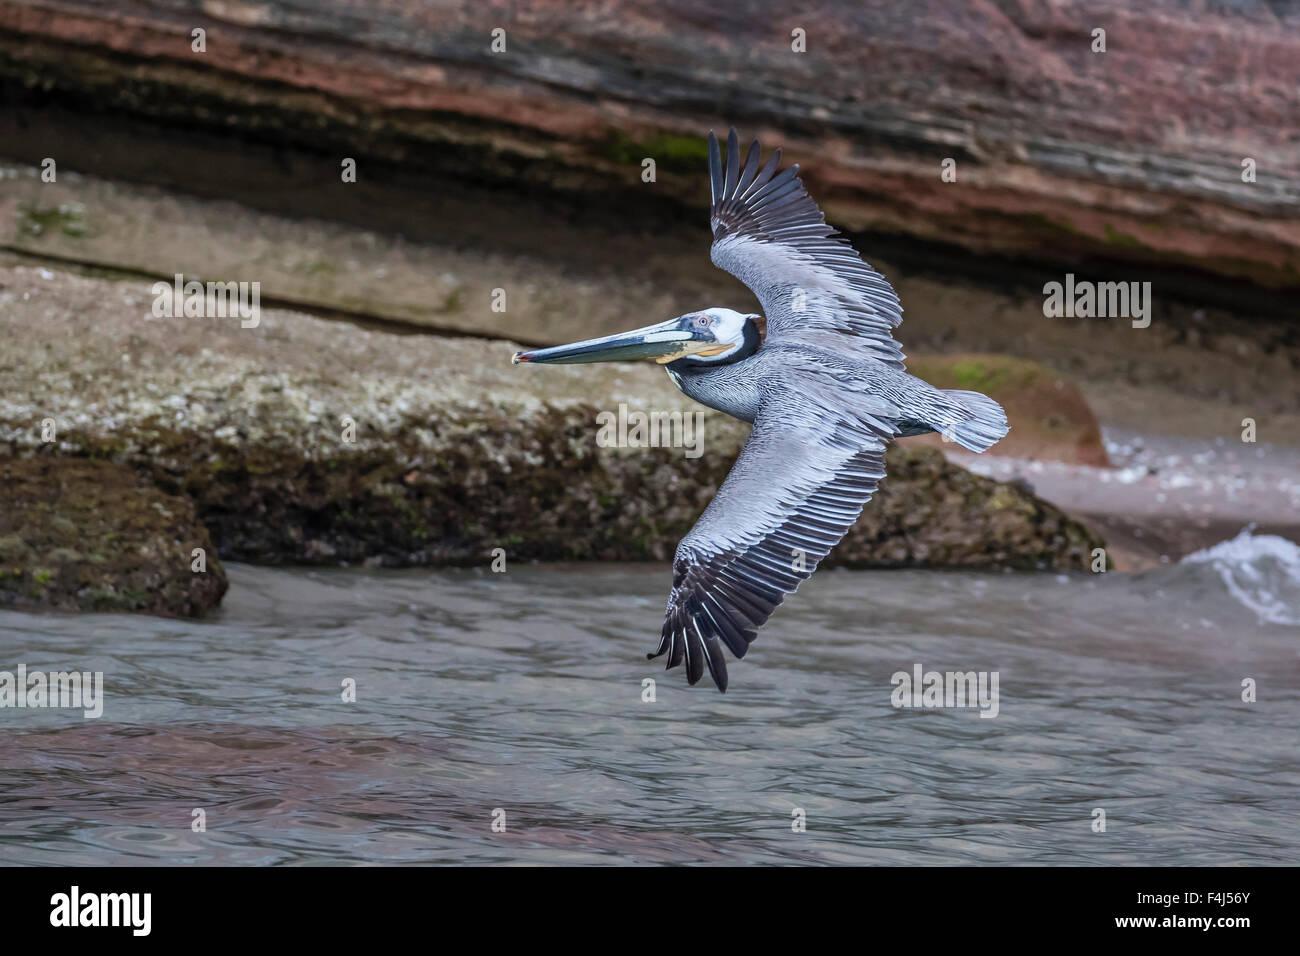 Un adulto pelicano café (Pelecanus occidentalis) en vuelo en Punta Colorado, Isla San José, Baja California Imagen De Stock